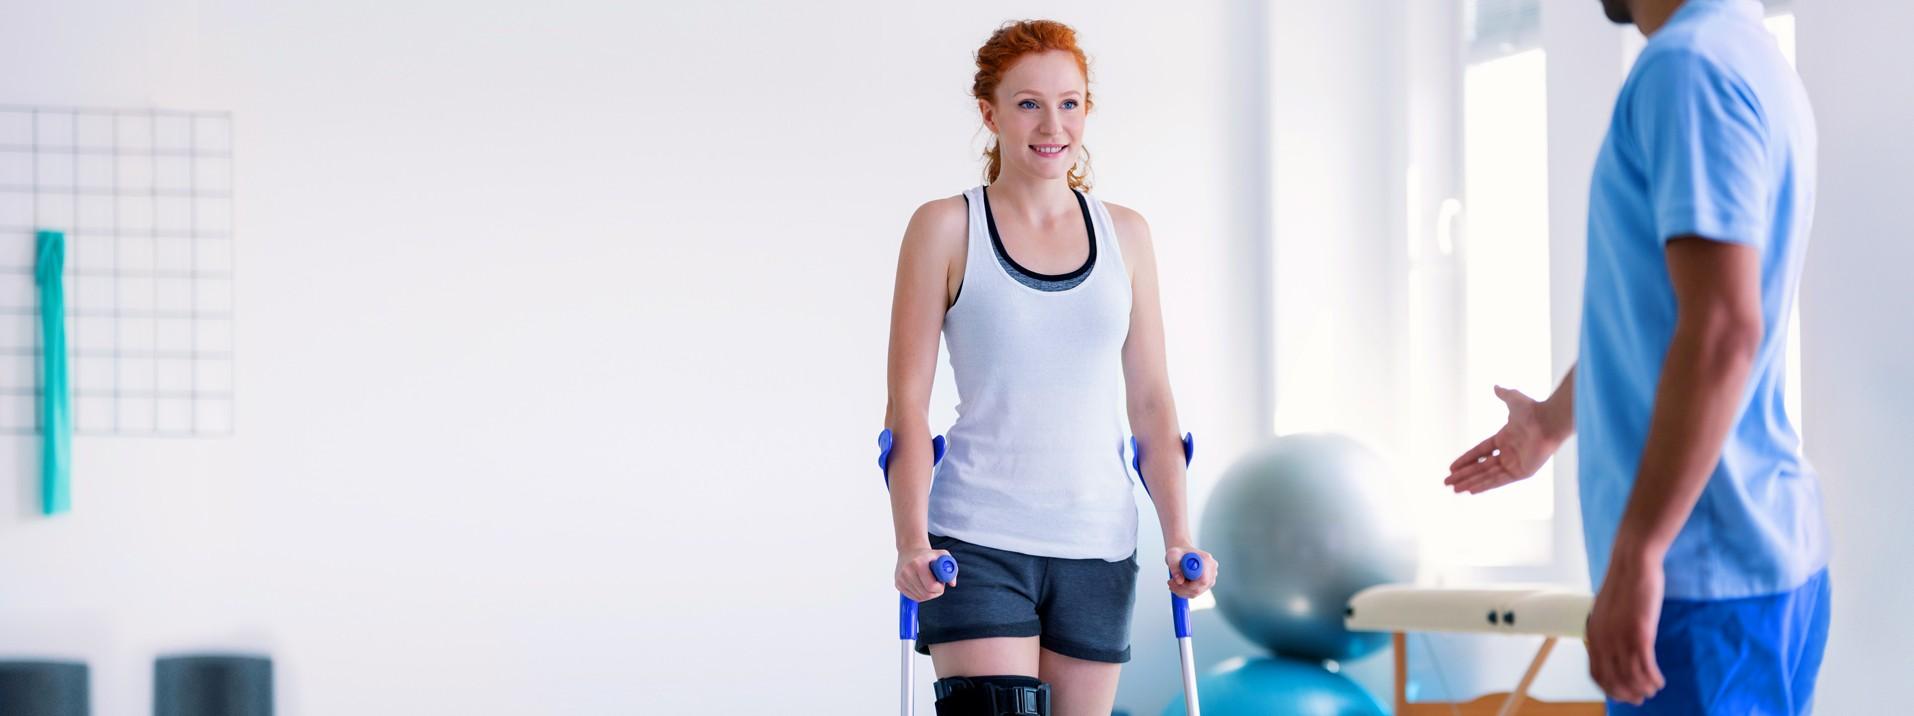 rothaarige sportliche  junge Frau mit Krücken und Knieverletzung bei der stationären Reha